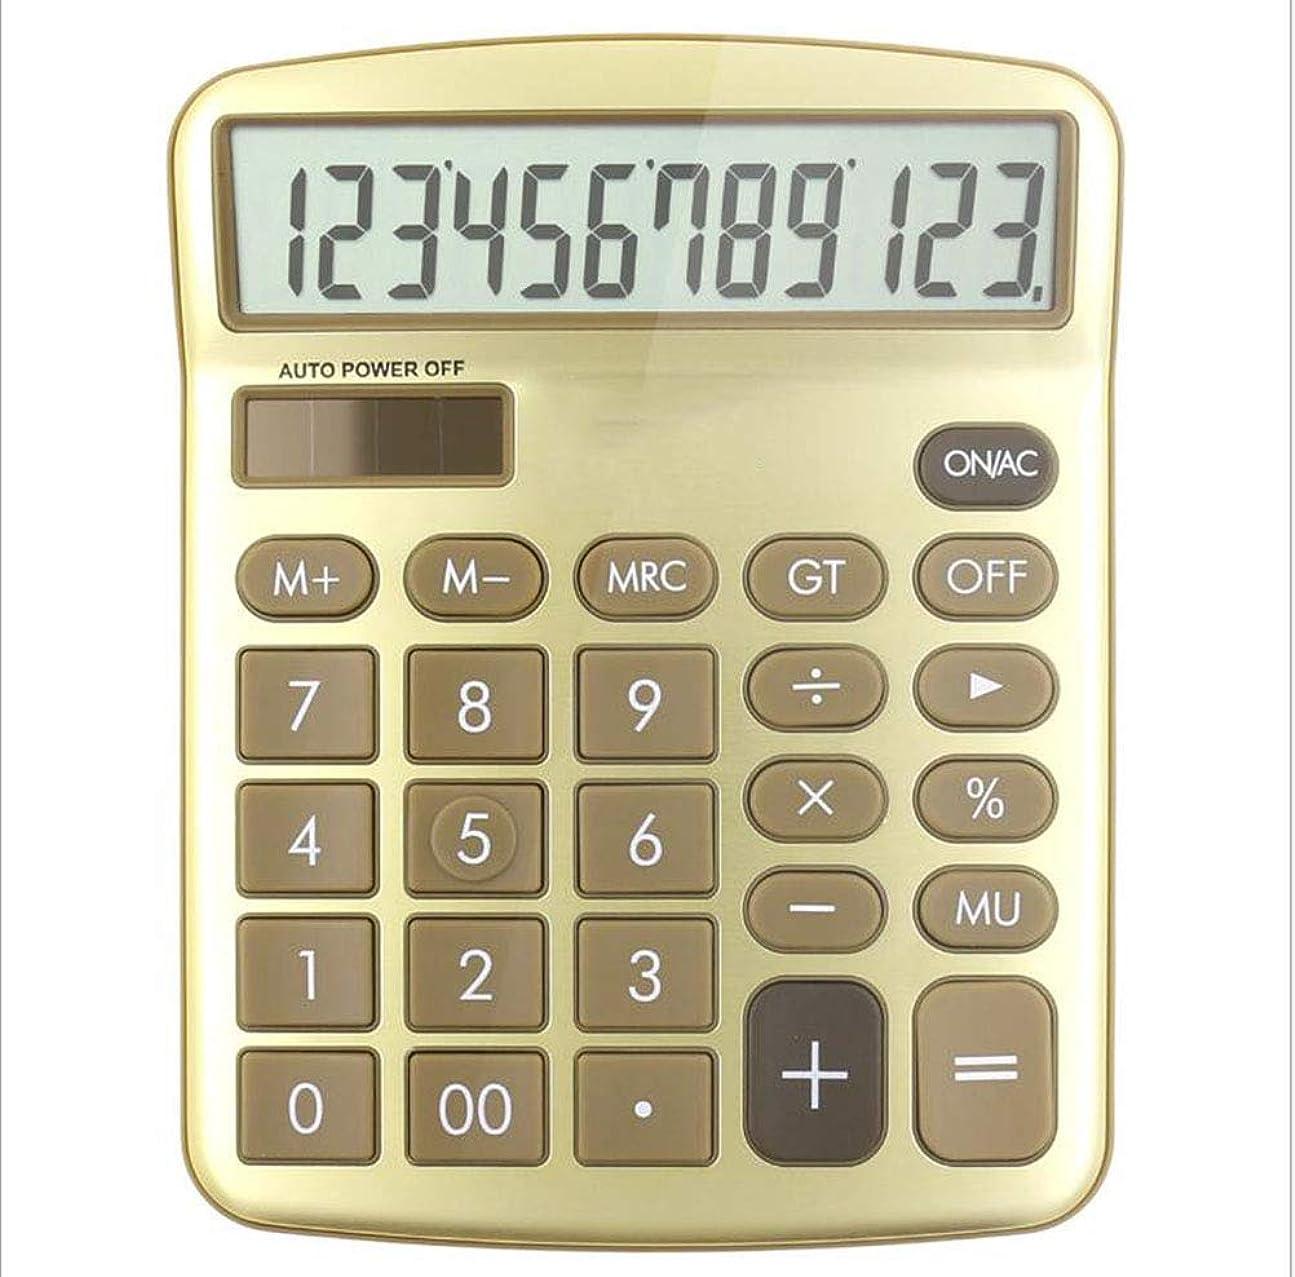 確執必要性満員電卓 デスクトップ コンピューター ソーラー デュアル電源 プラスチックボタン 12桁 大画面ディスプレイ 自動シャットダウン